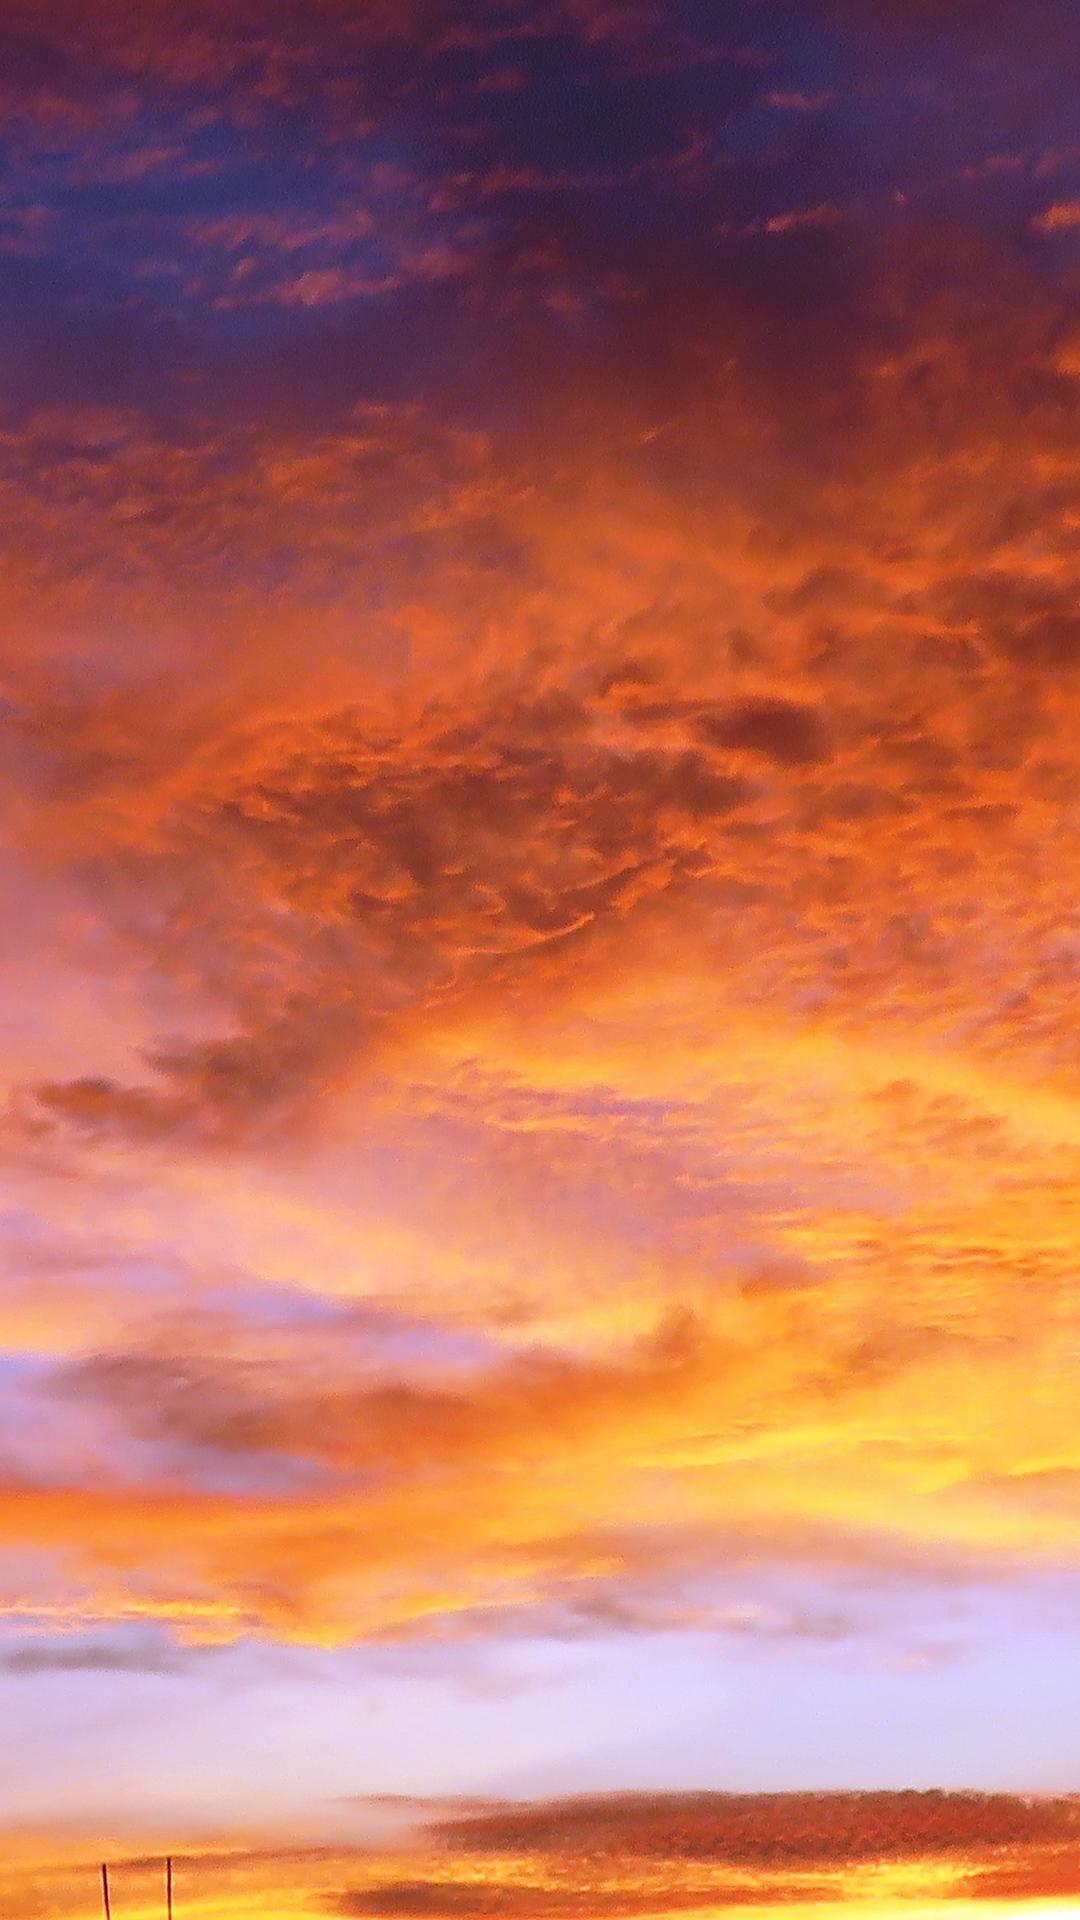 sky sunset clouds wallpaper 1080x1920 sky sunset clouds wallpaper 1080x1920